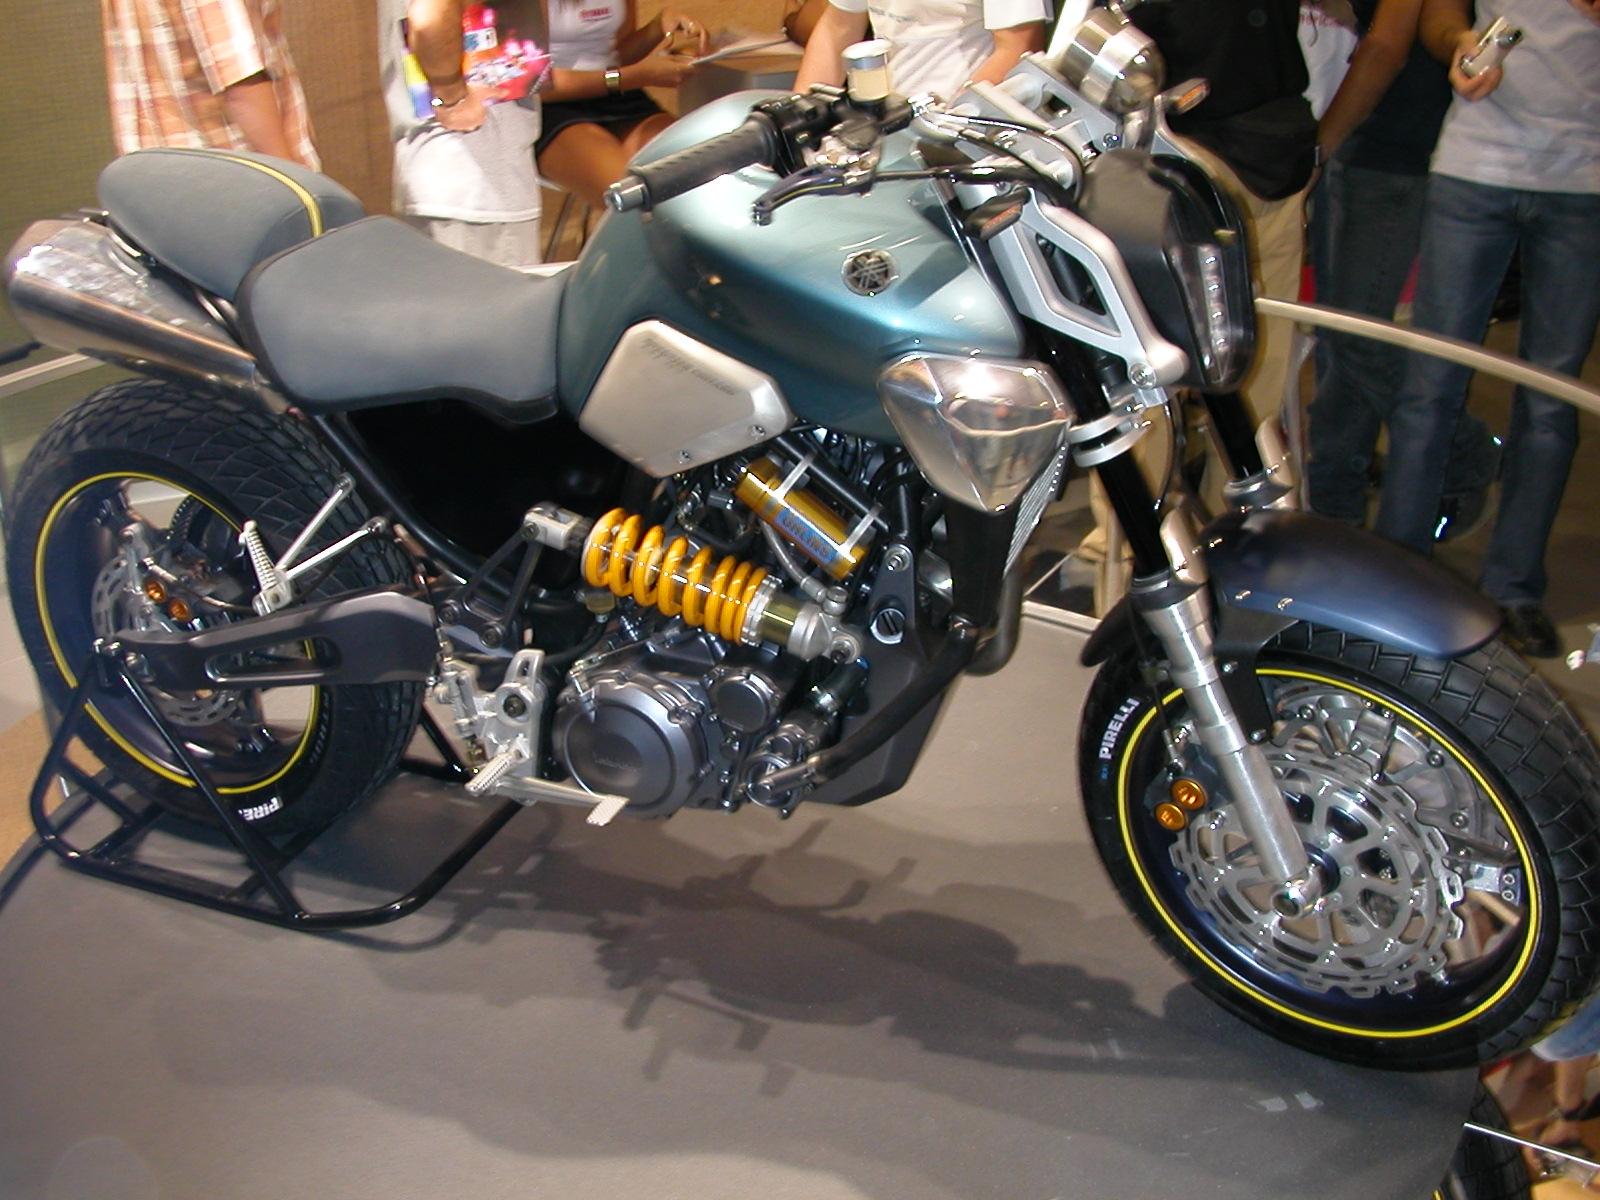 Yamaha MT 15 Wikipedia: File:2003 Yamaha MT-03 Concept(2).JPG